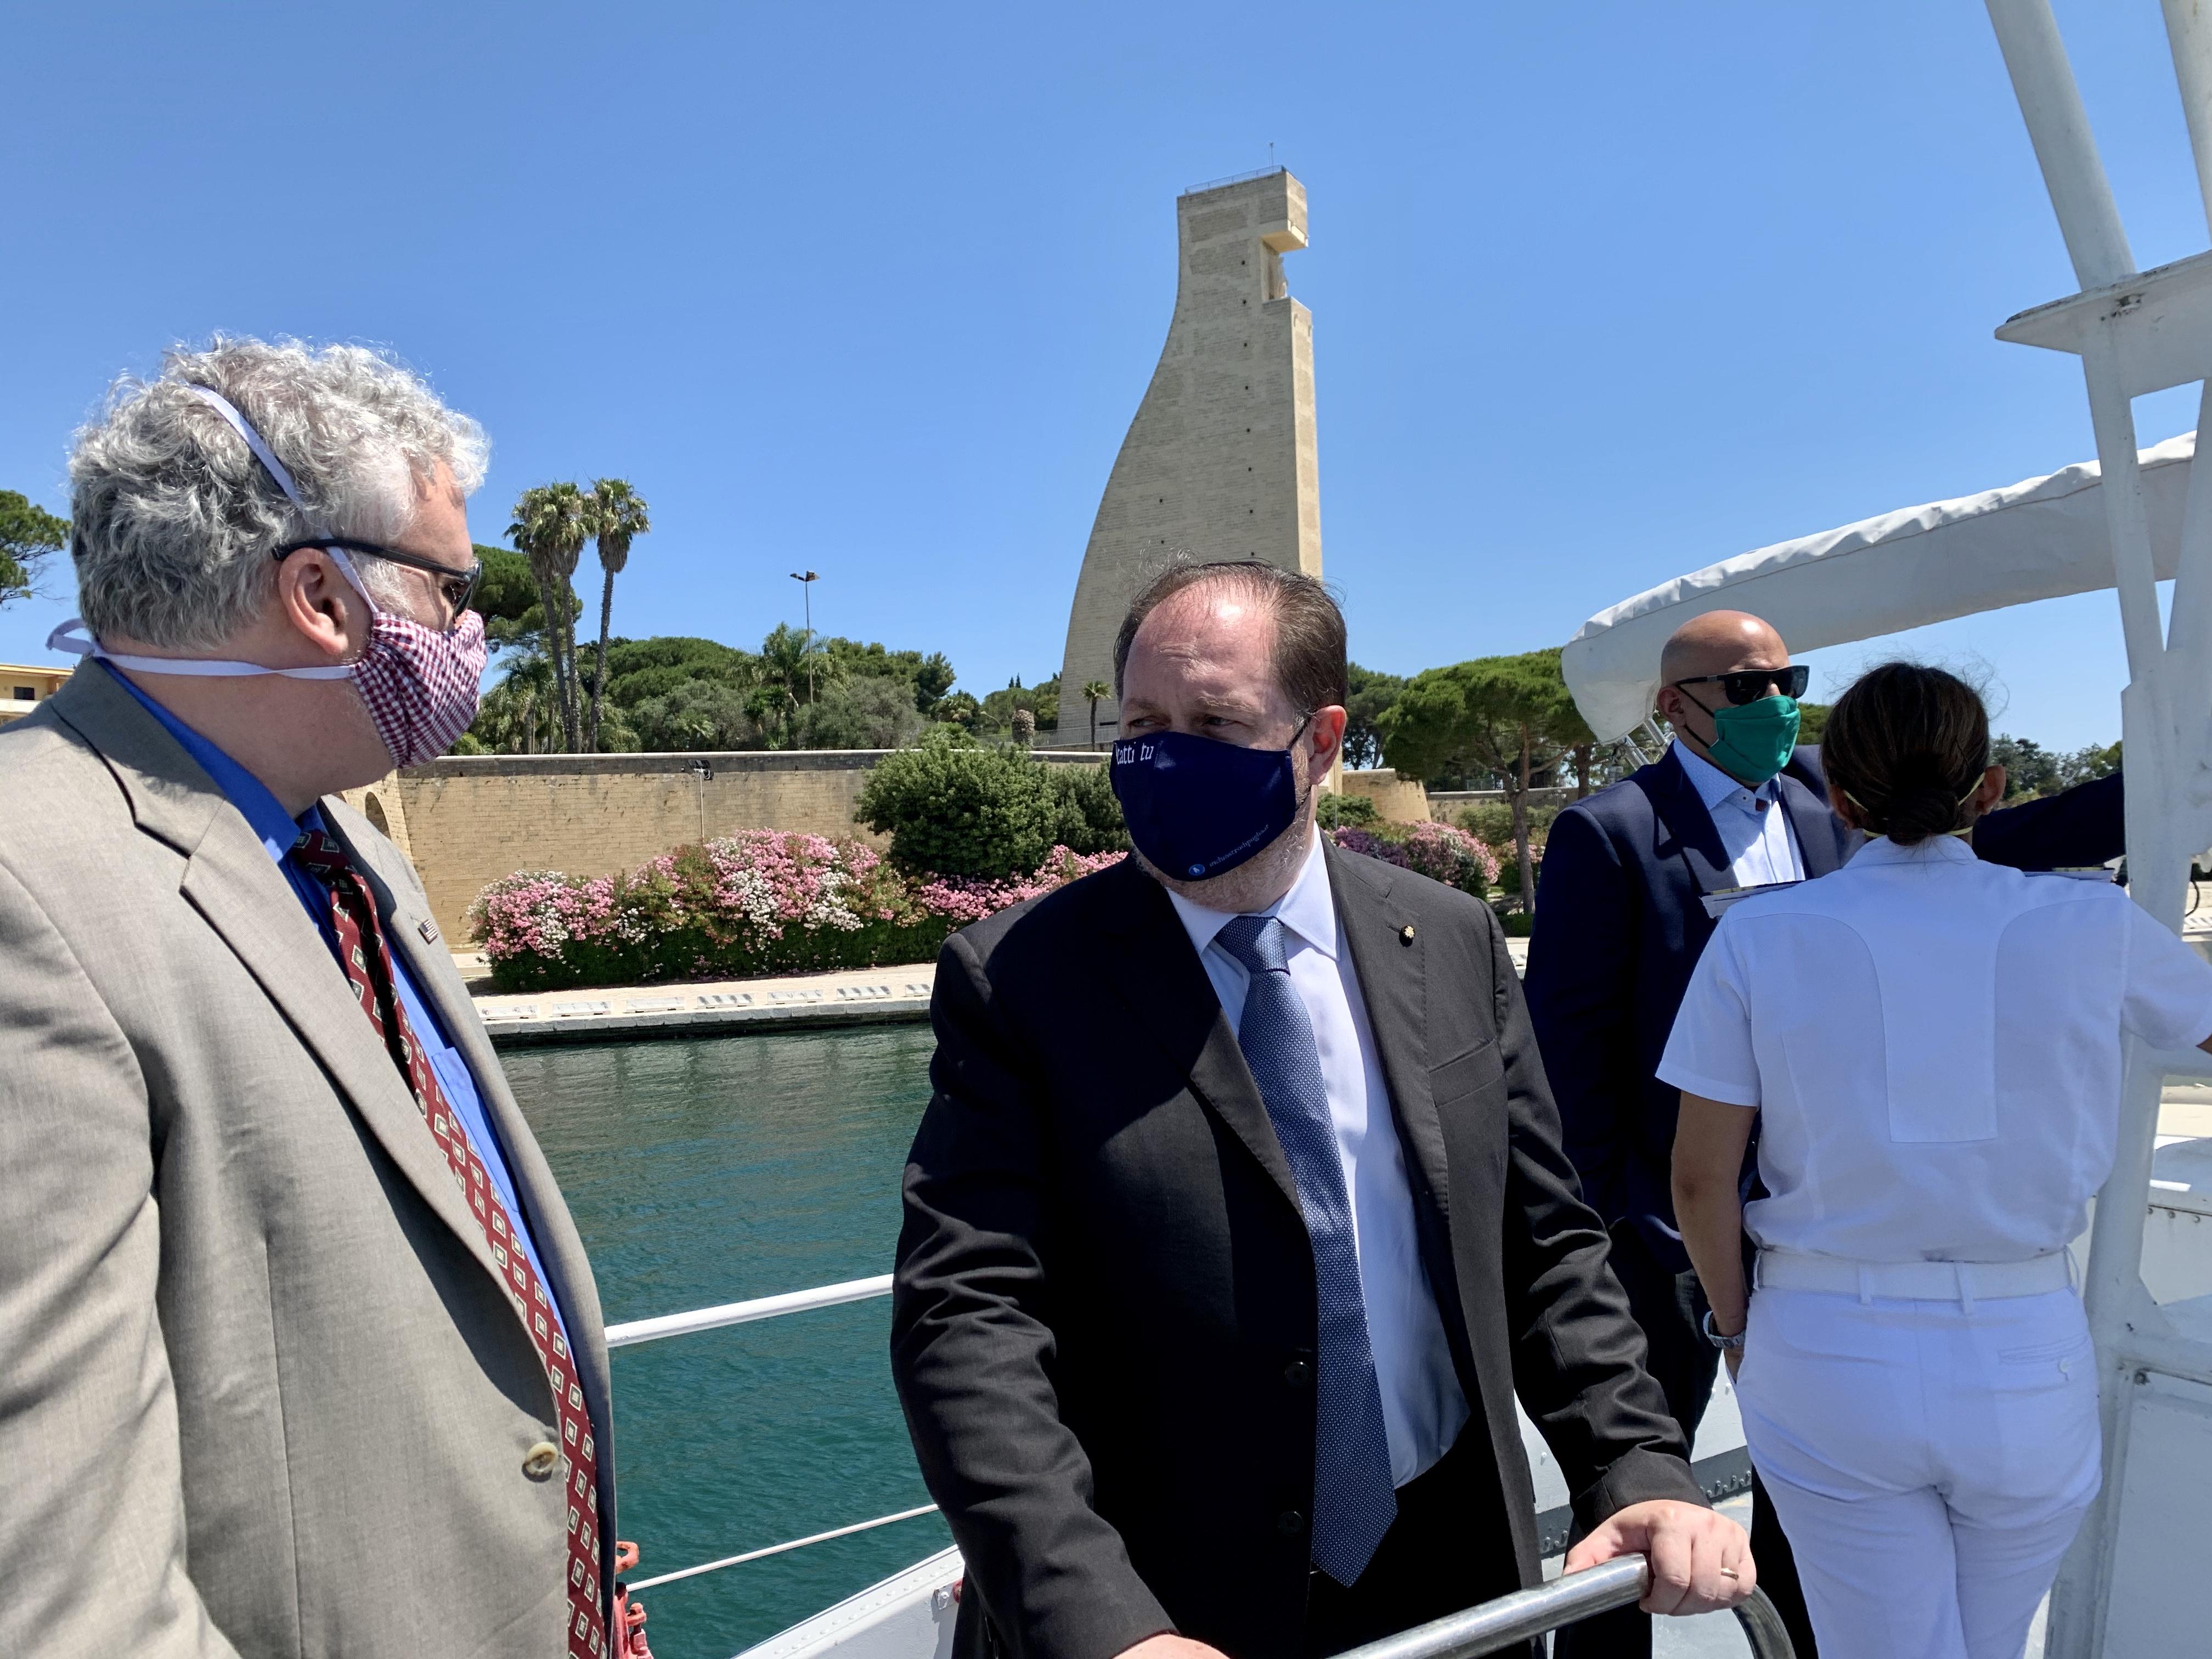 Una delegazione del Consolato americano di Napoli e dell'Ambasciata americana a Roma ricevuta a Brindisi: possibili investimenti statunitensi sul territorio